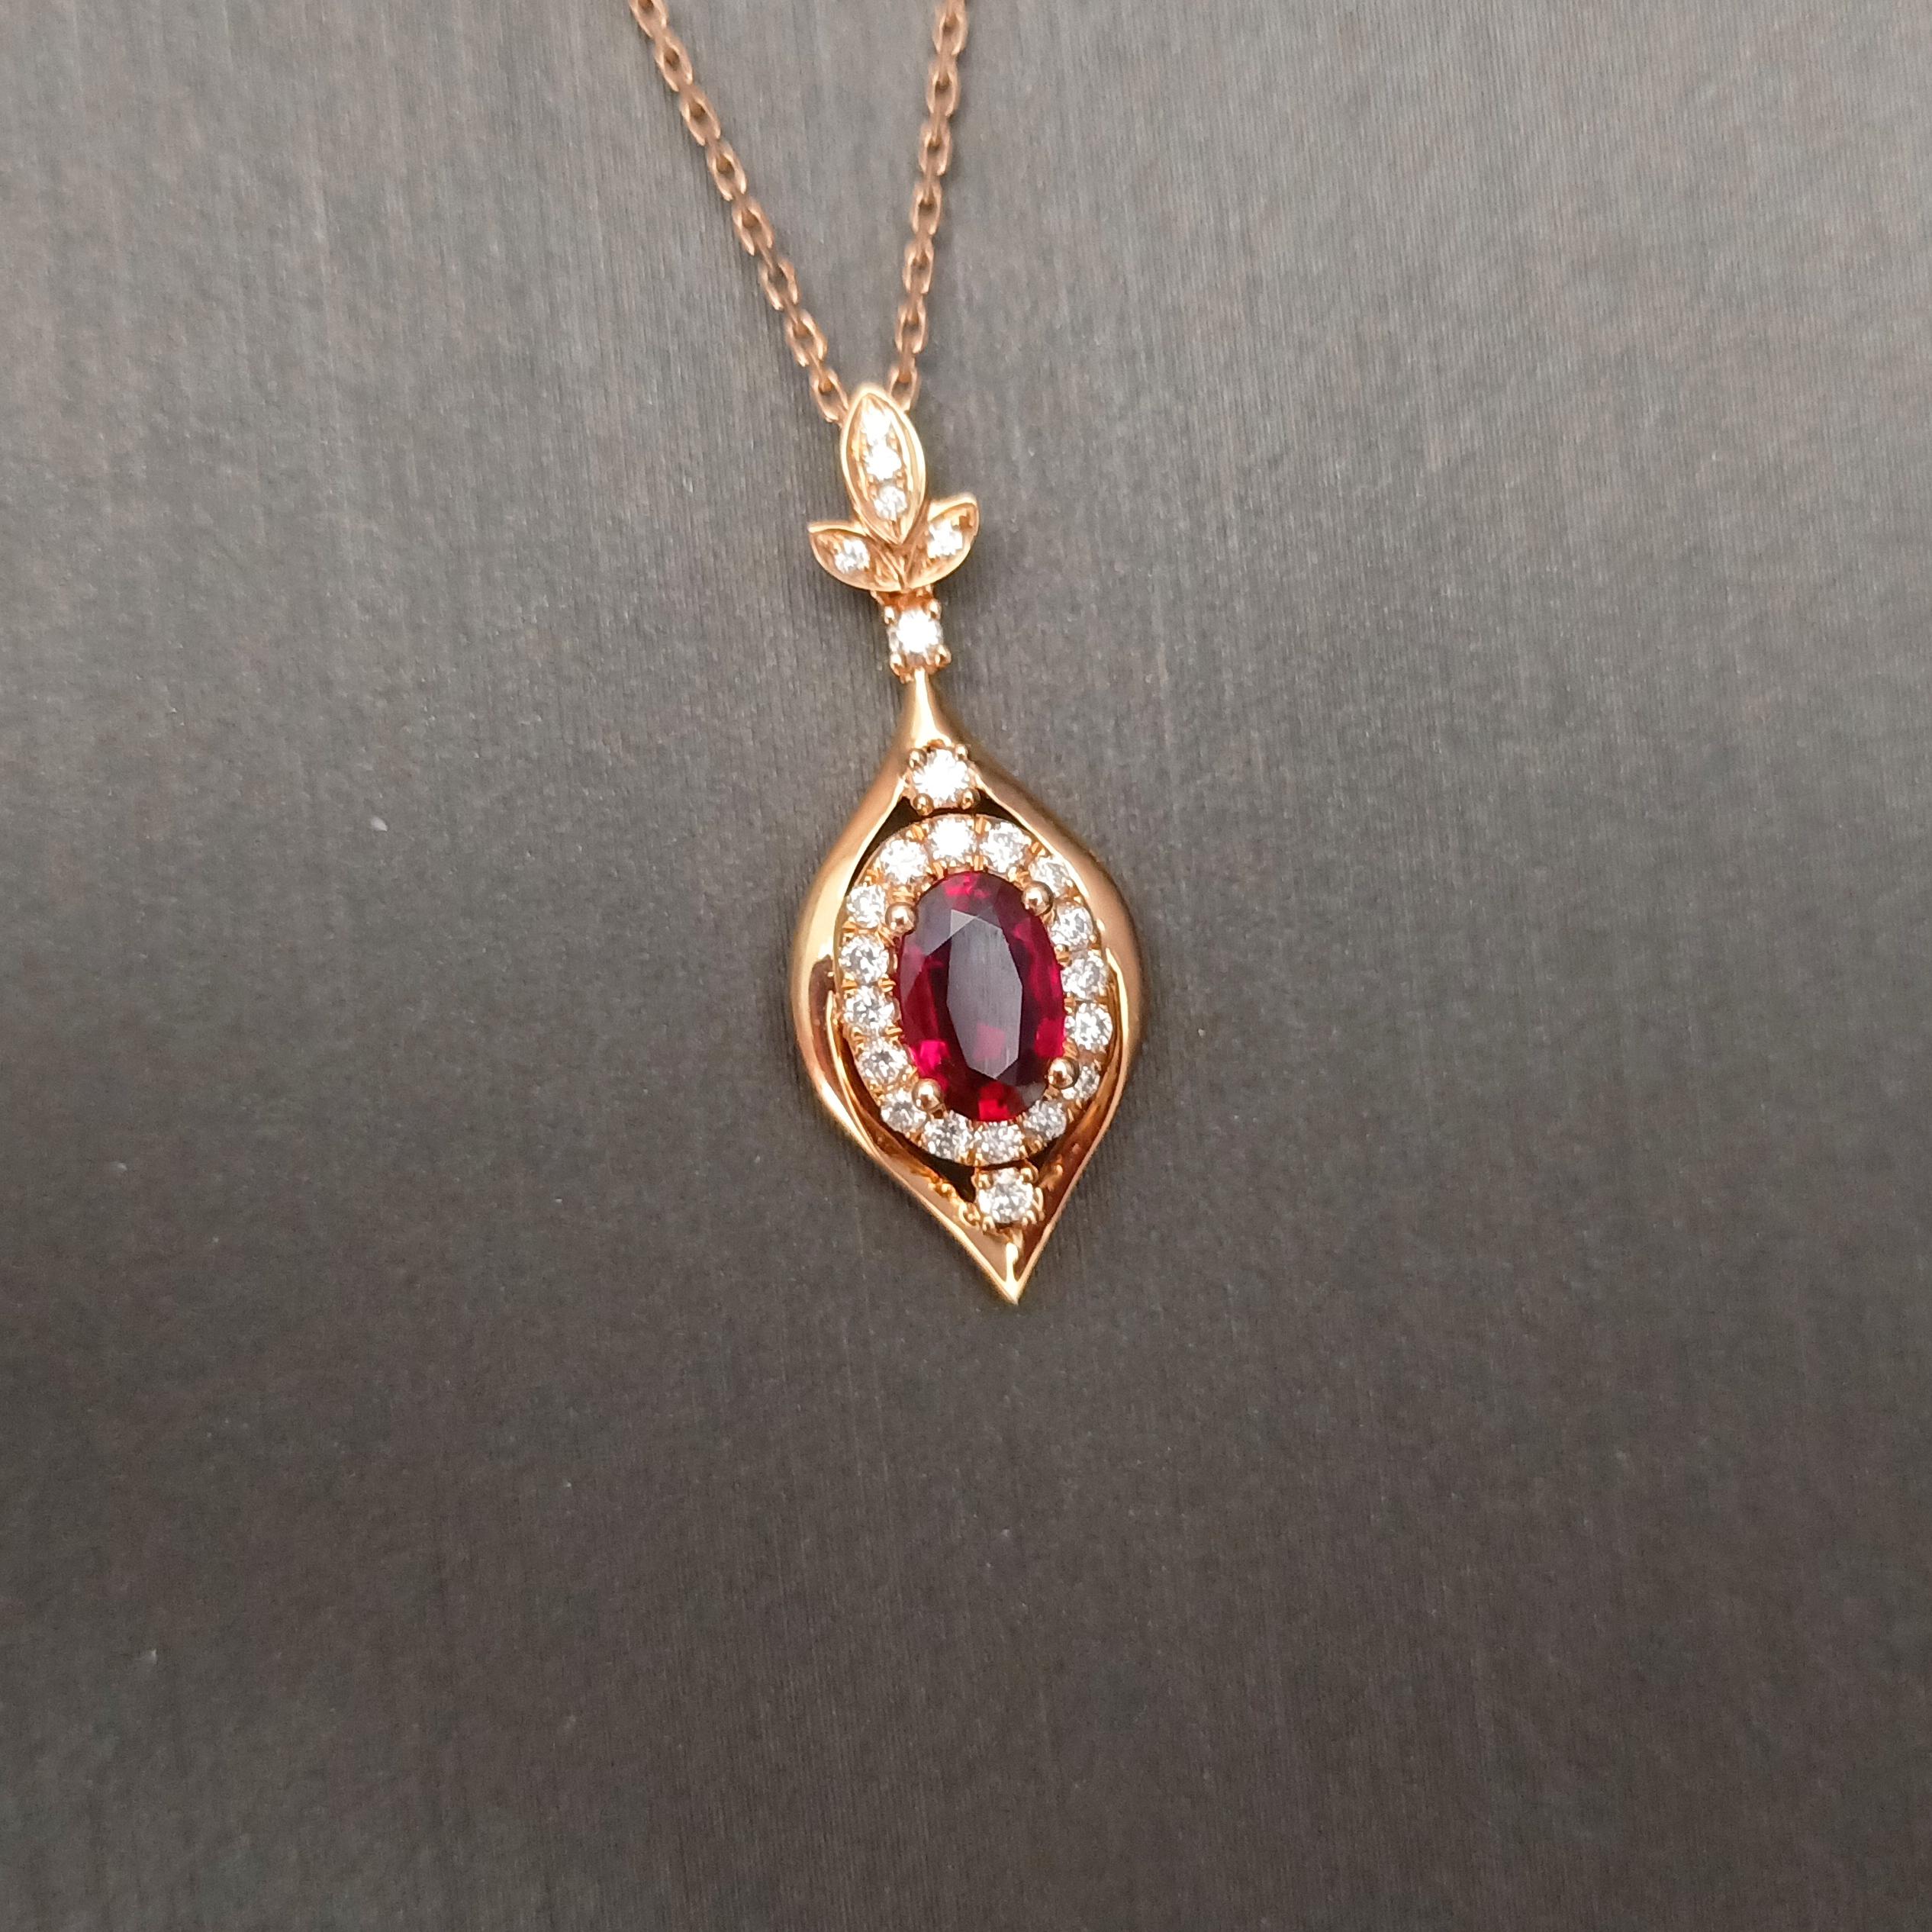 【吊坠】18K金+红宝石+钻石 宝石颜色纯正 主石:0.58ct/1P 货重:1.73g